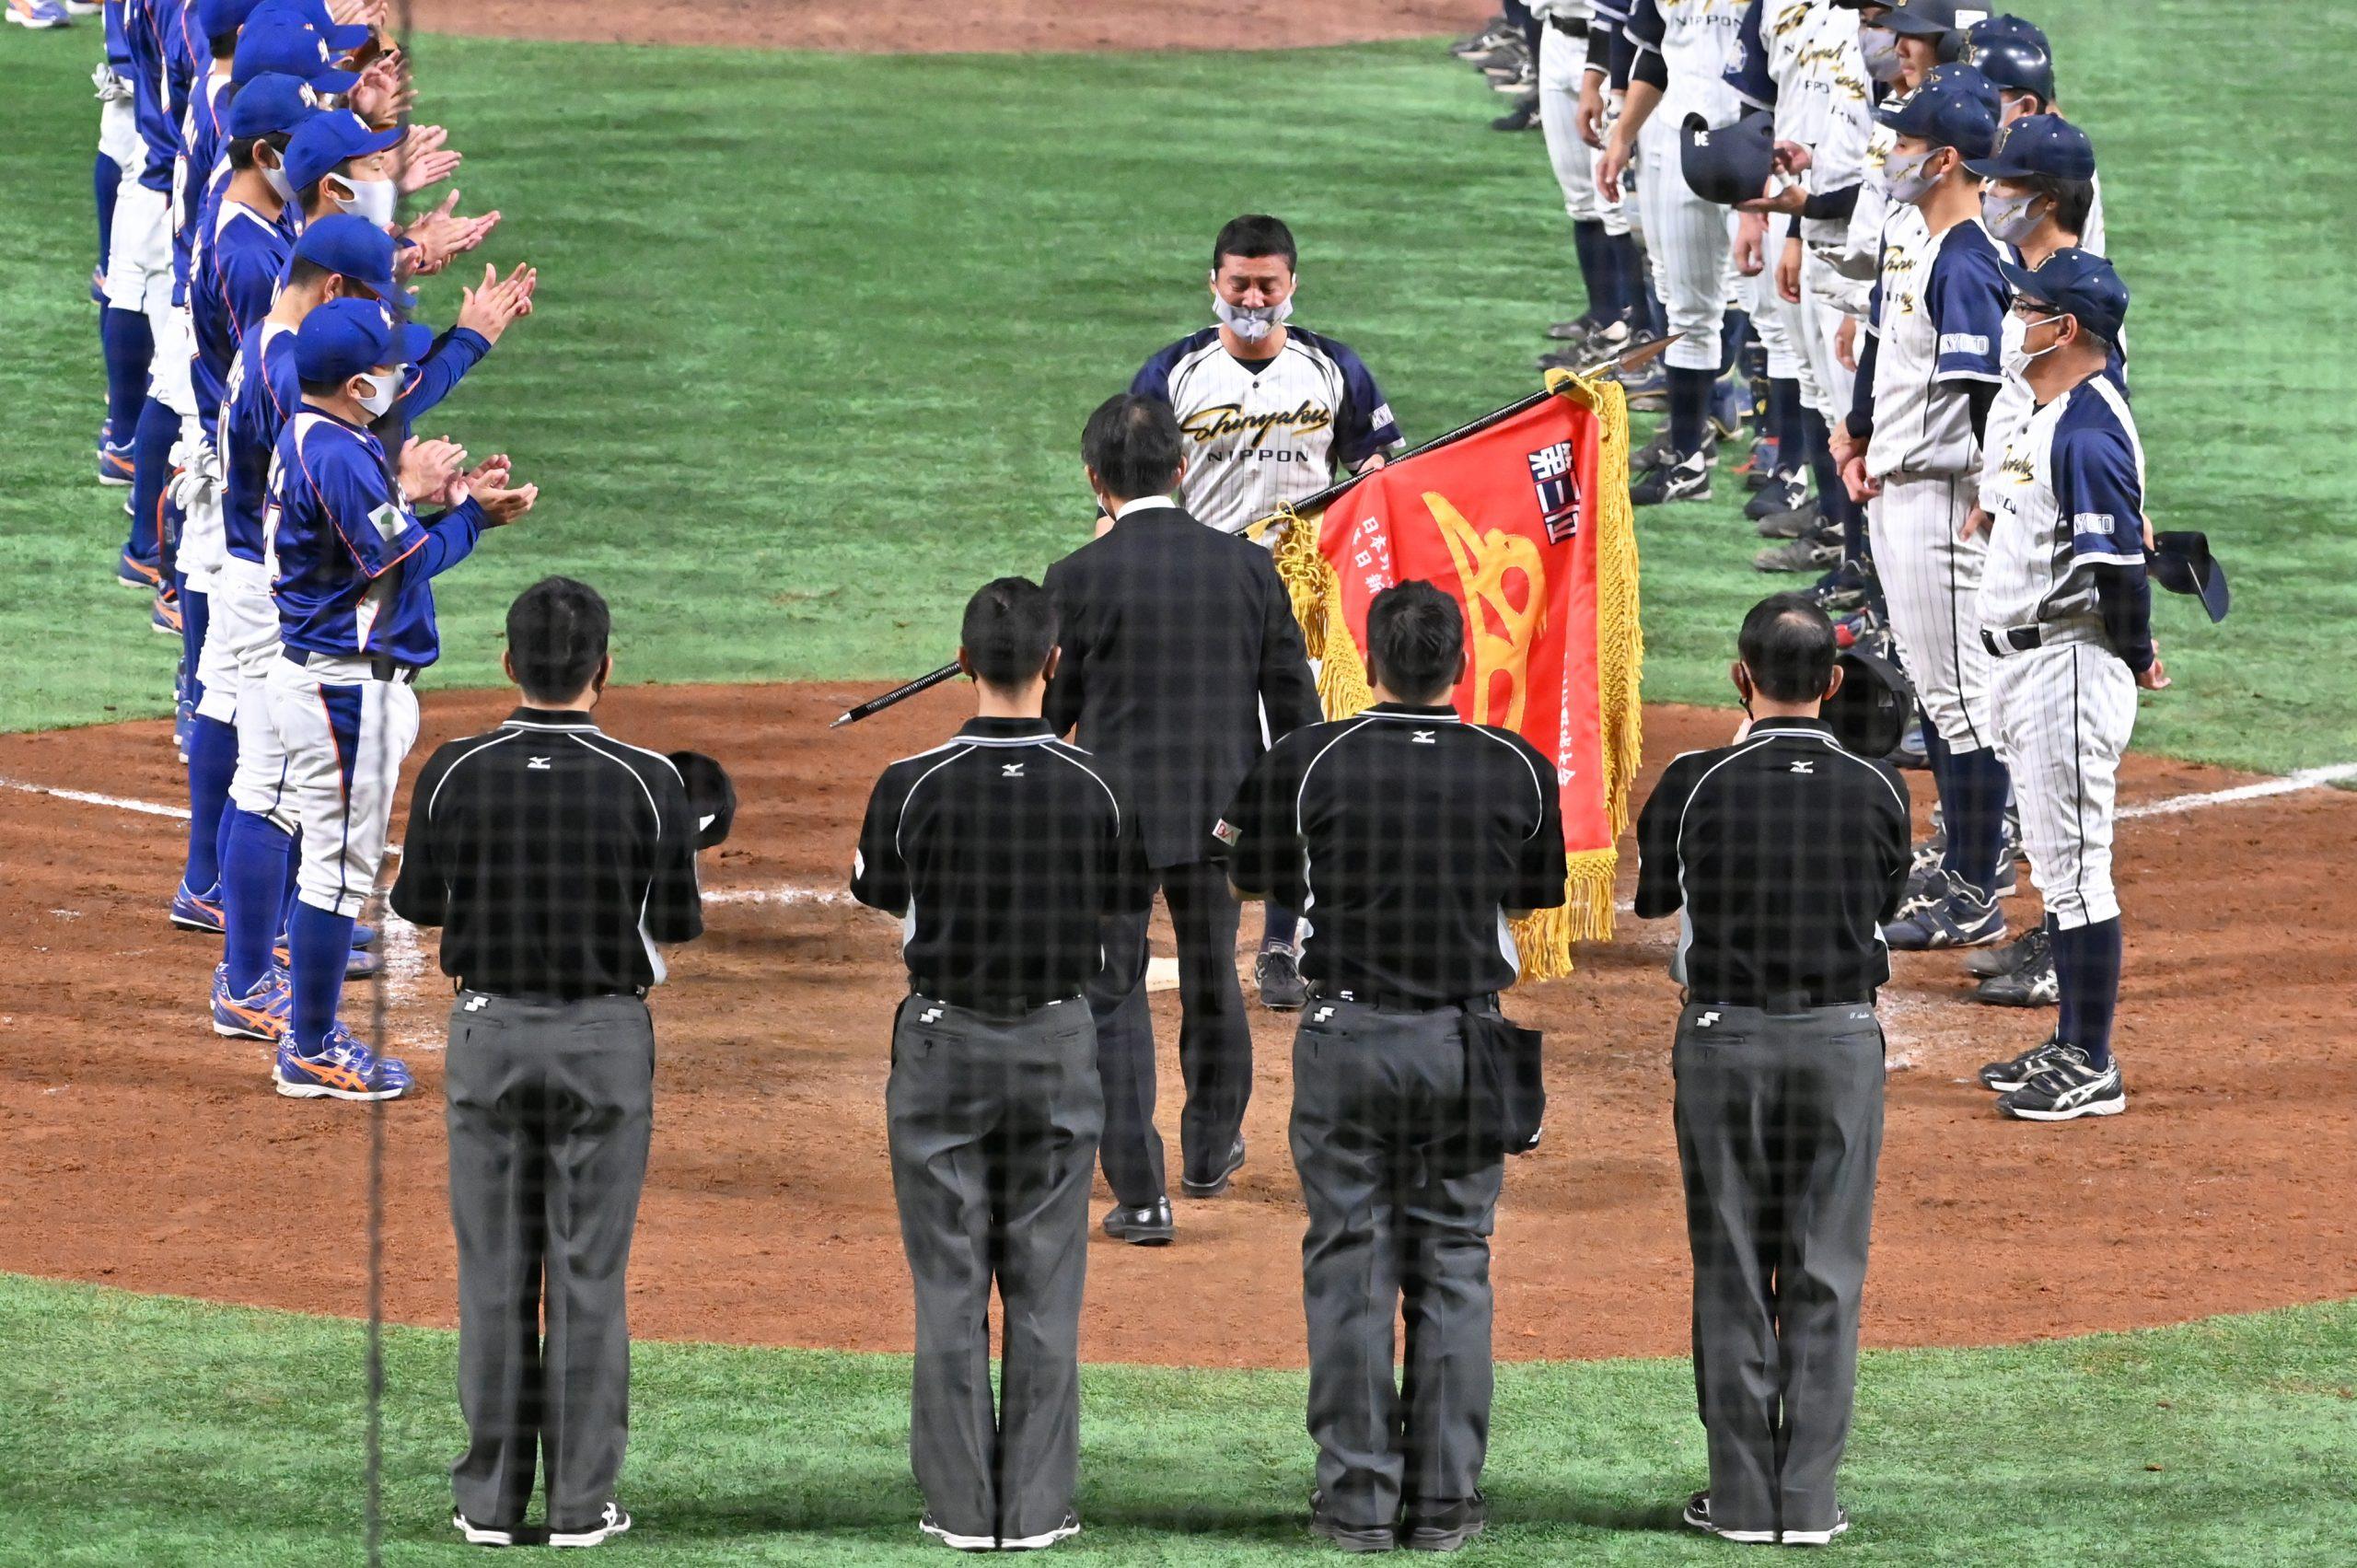 都市 回 大会 野球 第 91 対抗 第91回都市対抗野球大会に関するご案内